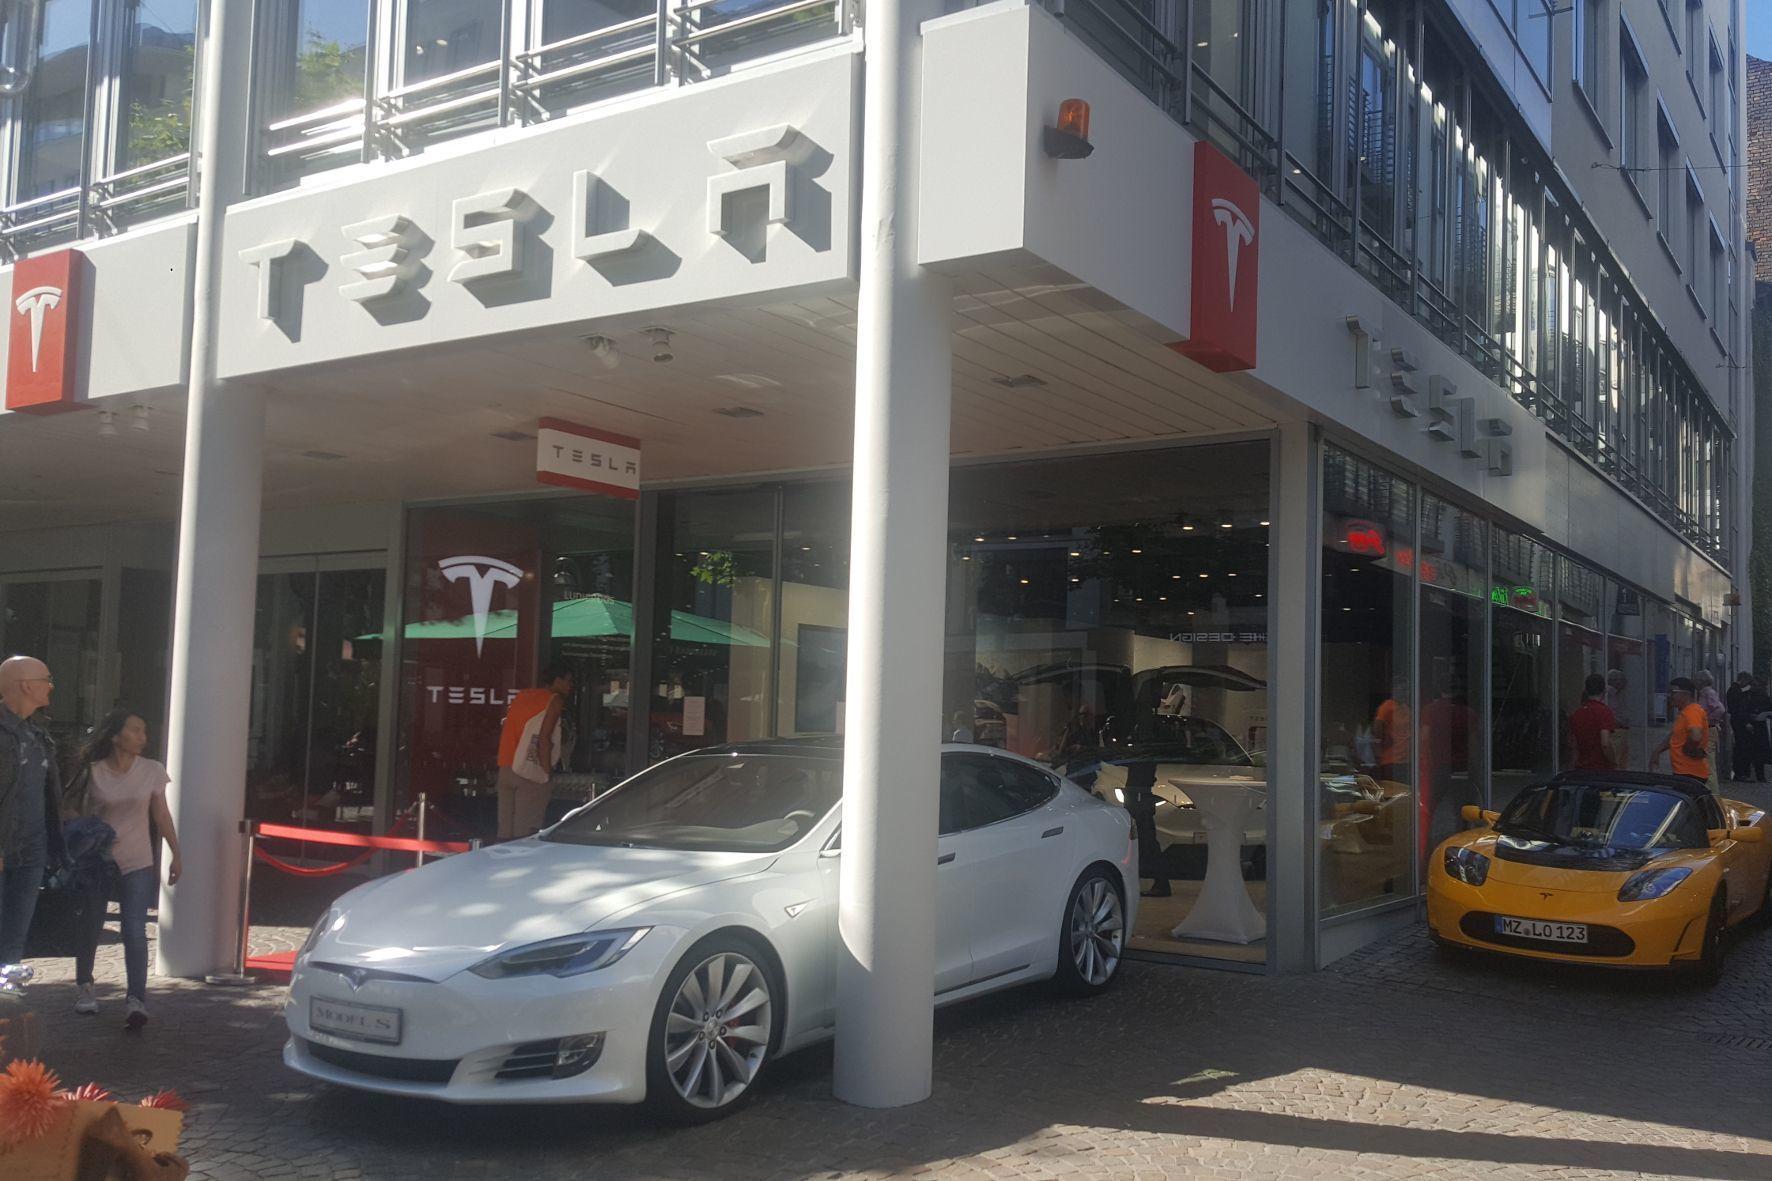 mid Frankfurt am Main - Neues Zuhause: Autobauer Tesla elektrisiert jetzt die berühmte Fressgass in Frankfurt am Main.